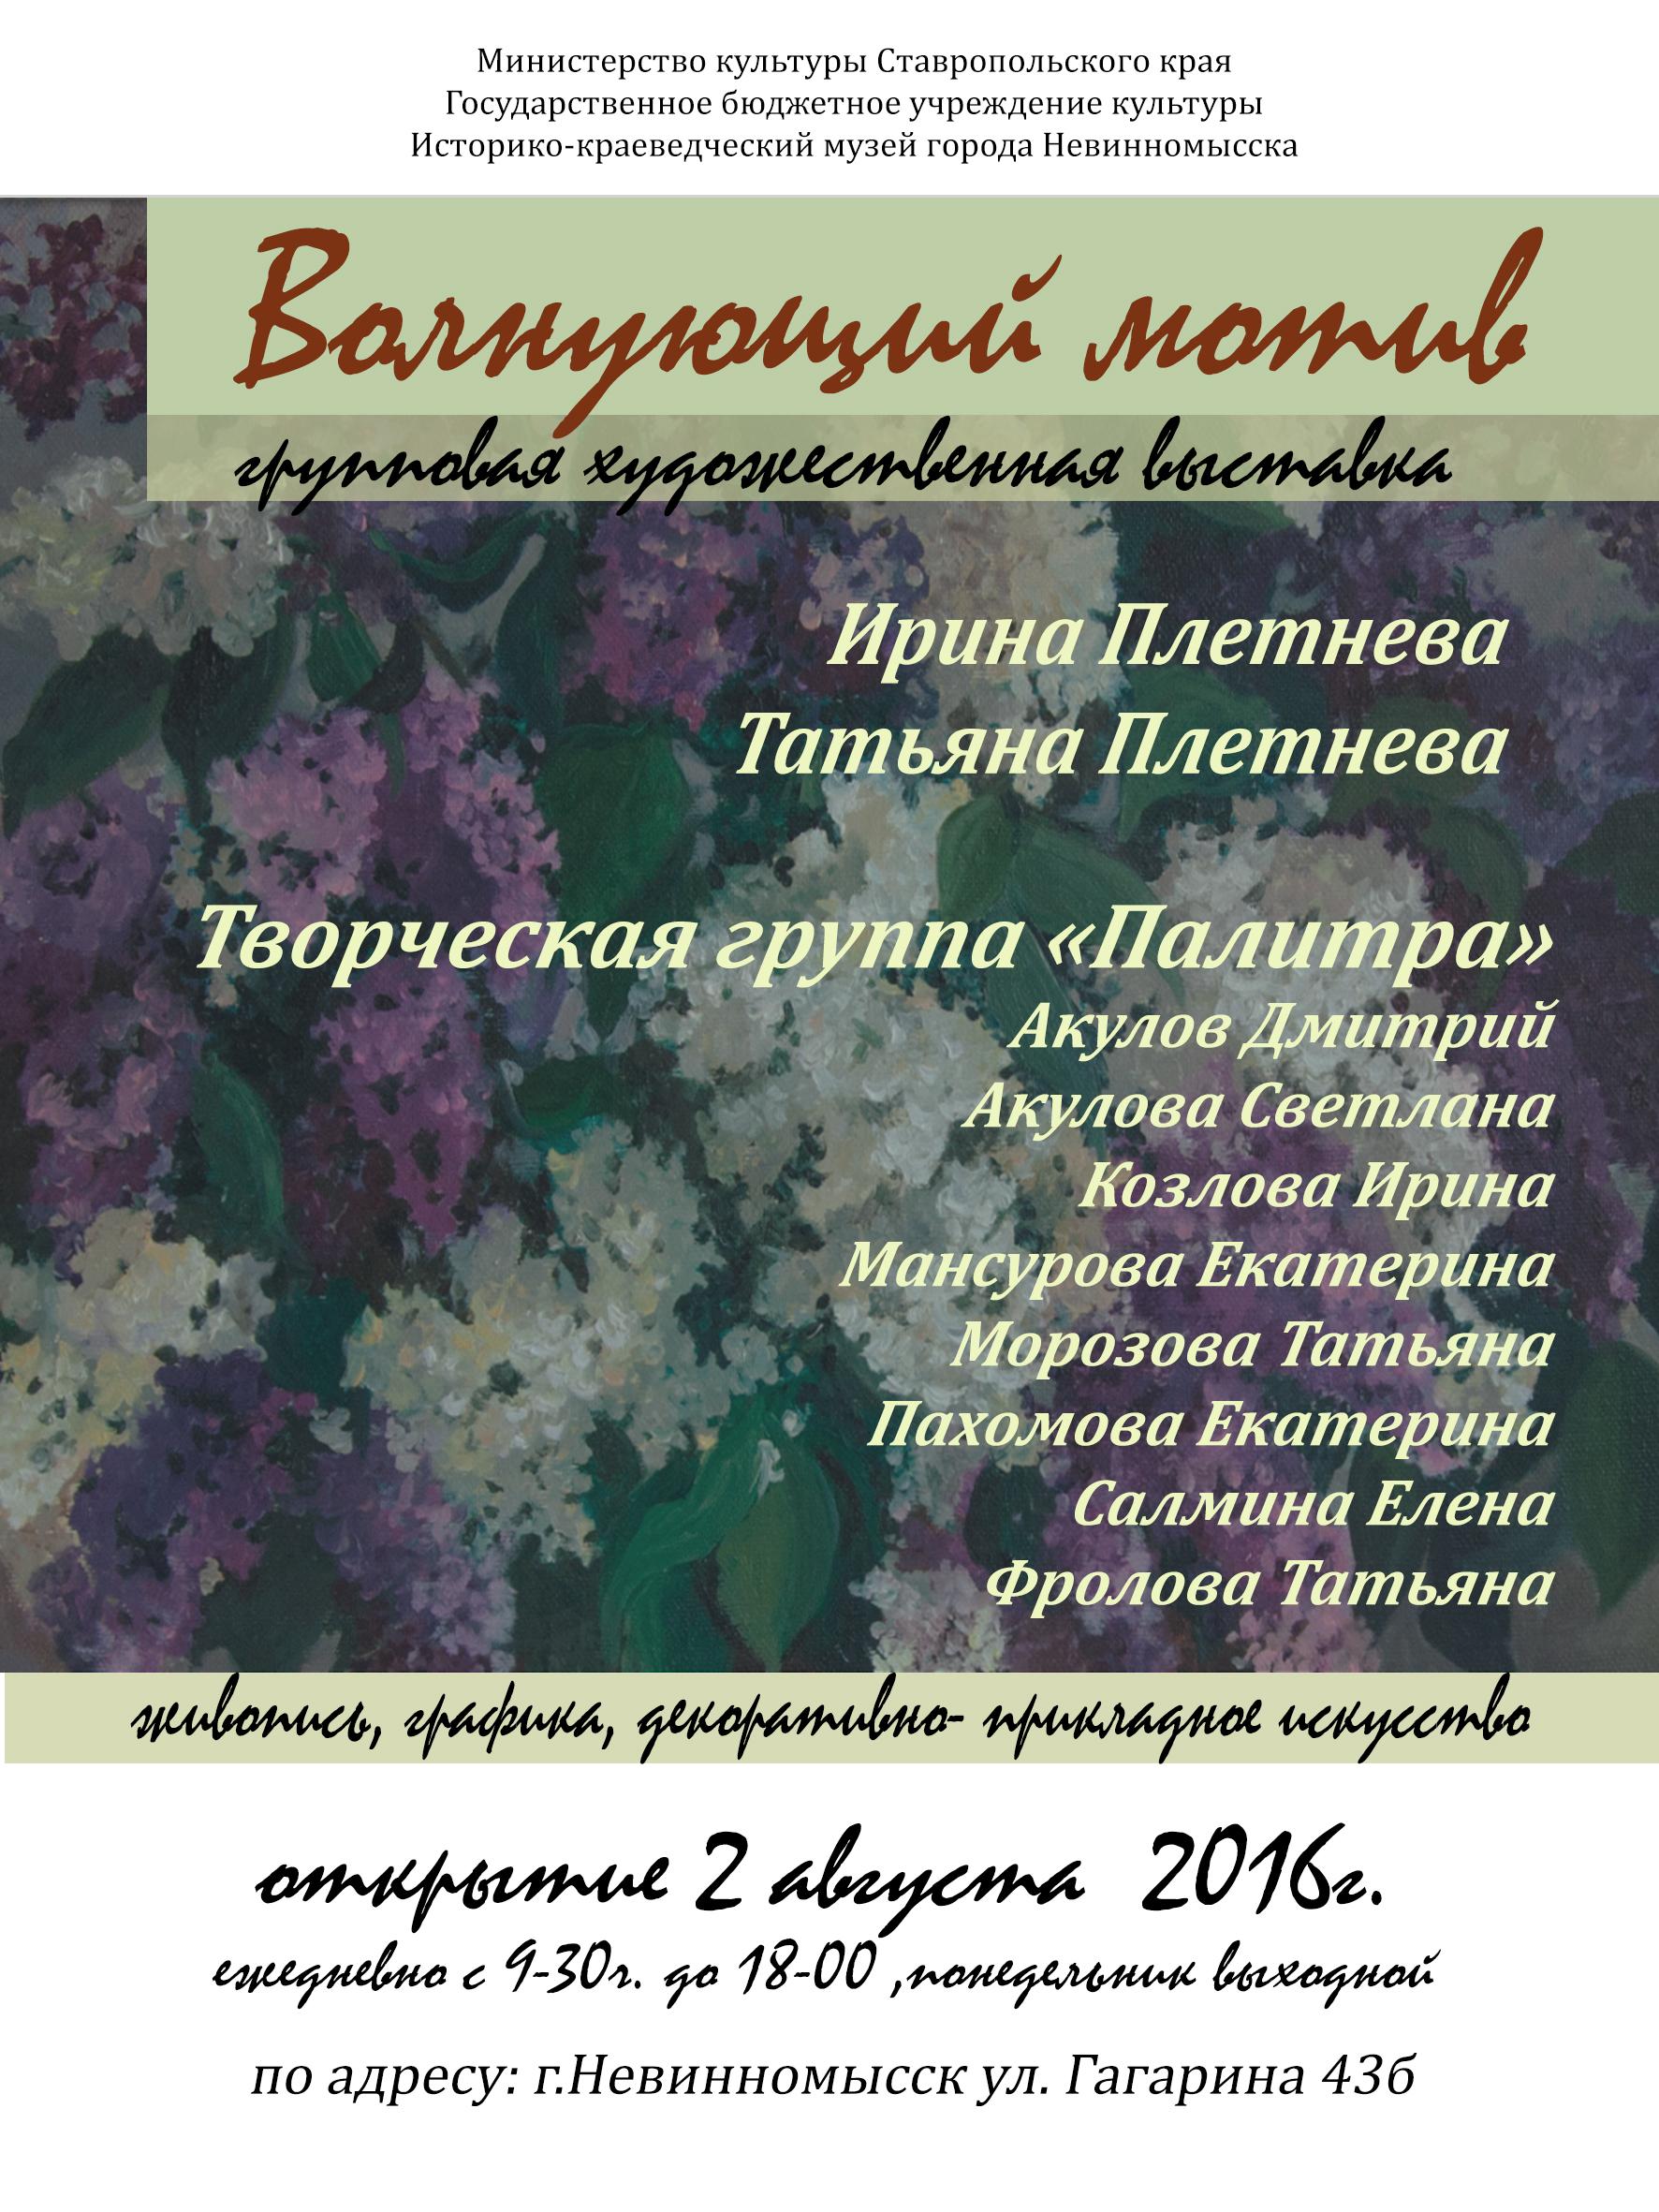 выставка афиша